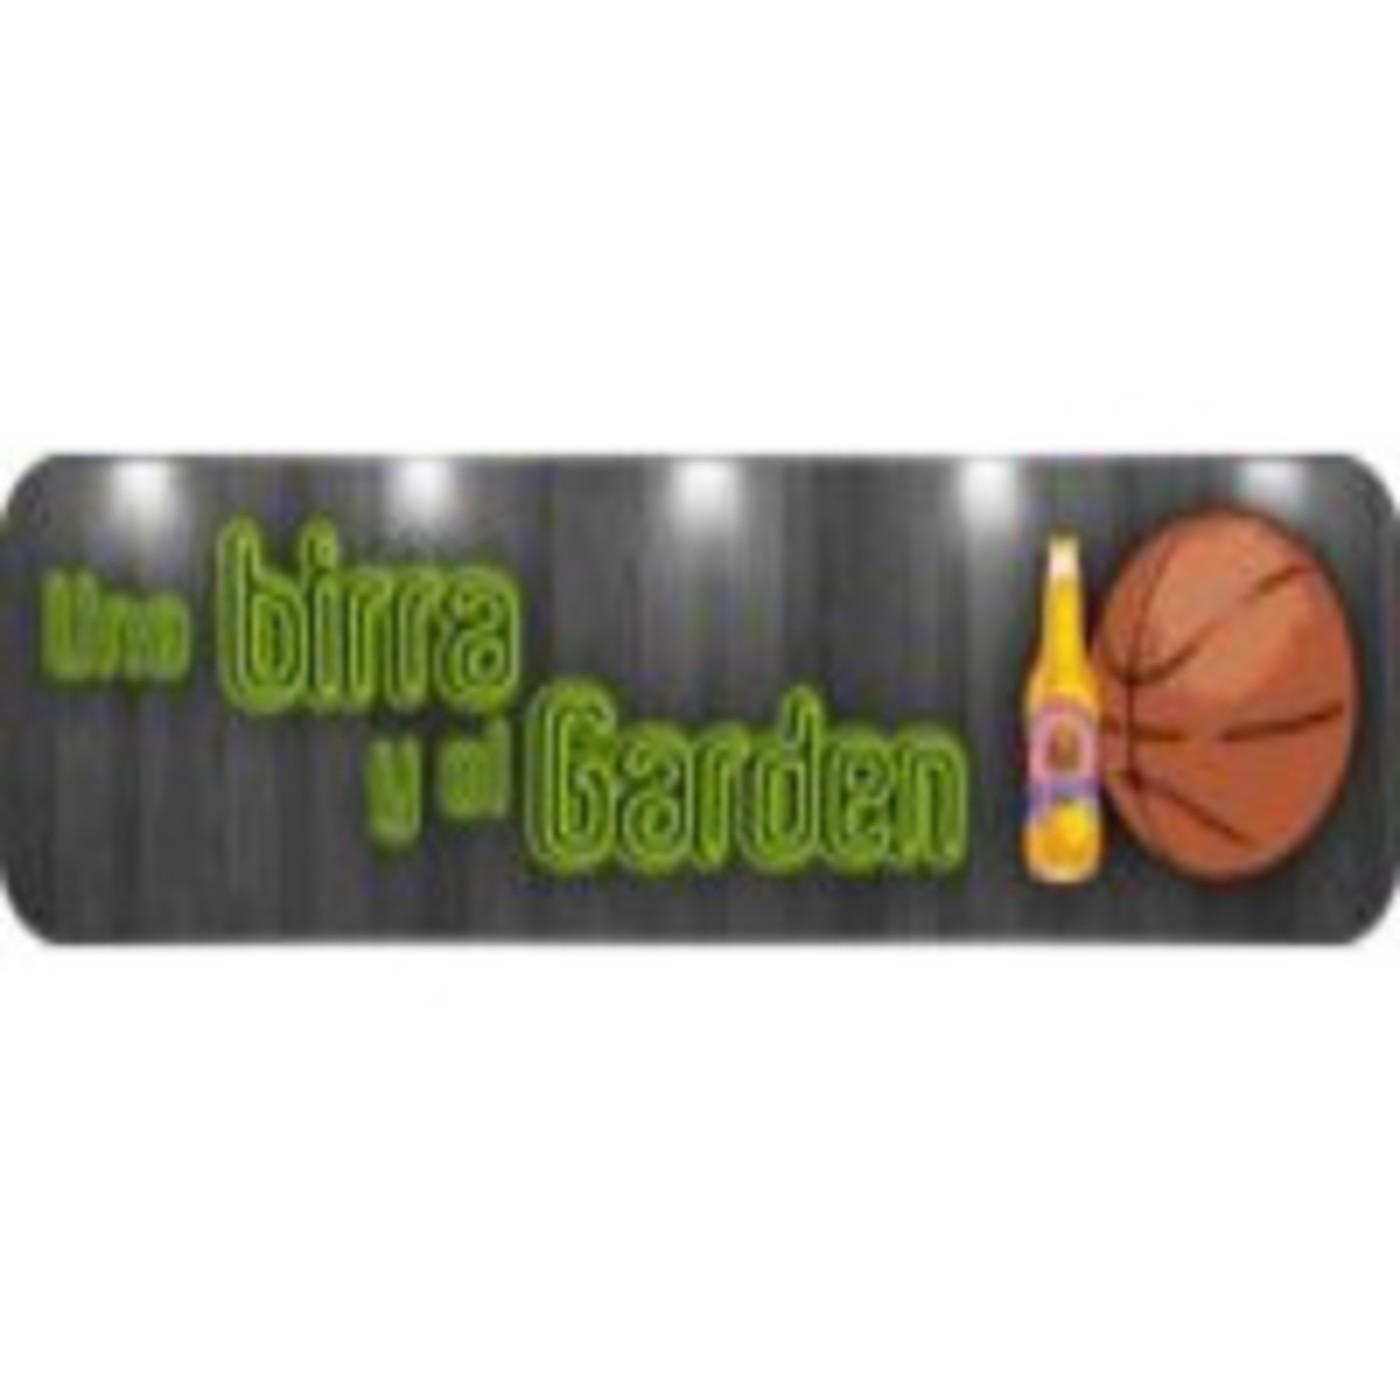 UNA BIRRA Y AL GARDEN - PROGRAMA Nº2 Temporada 2013-2014 (02-01-2013)